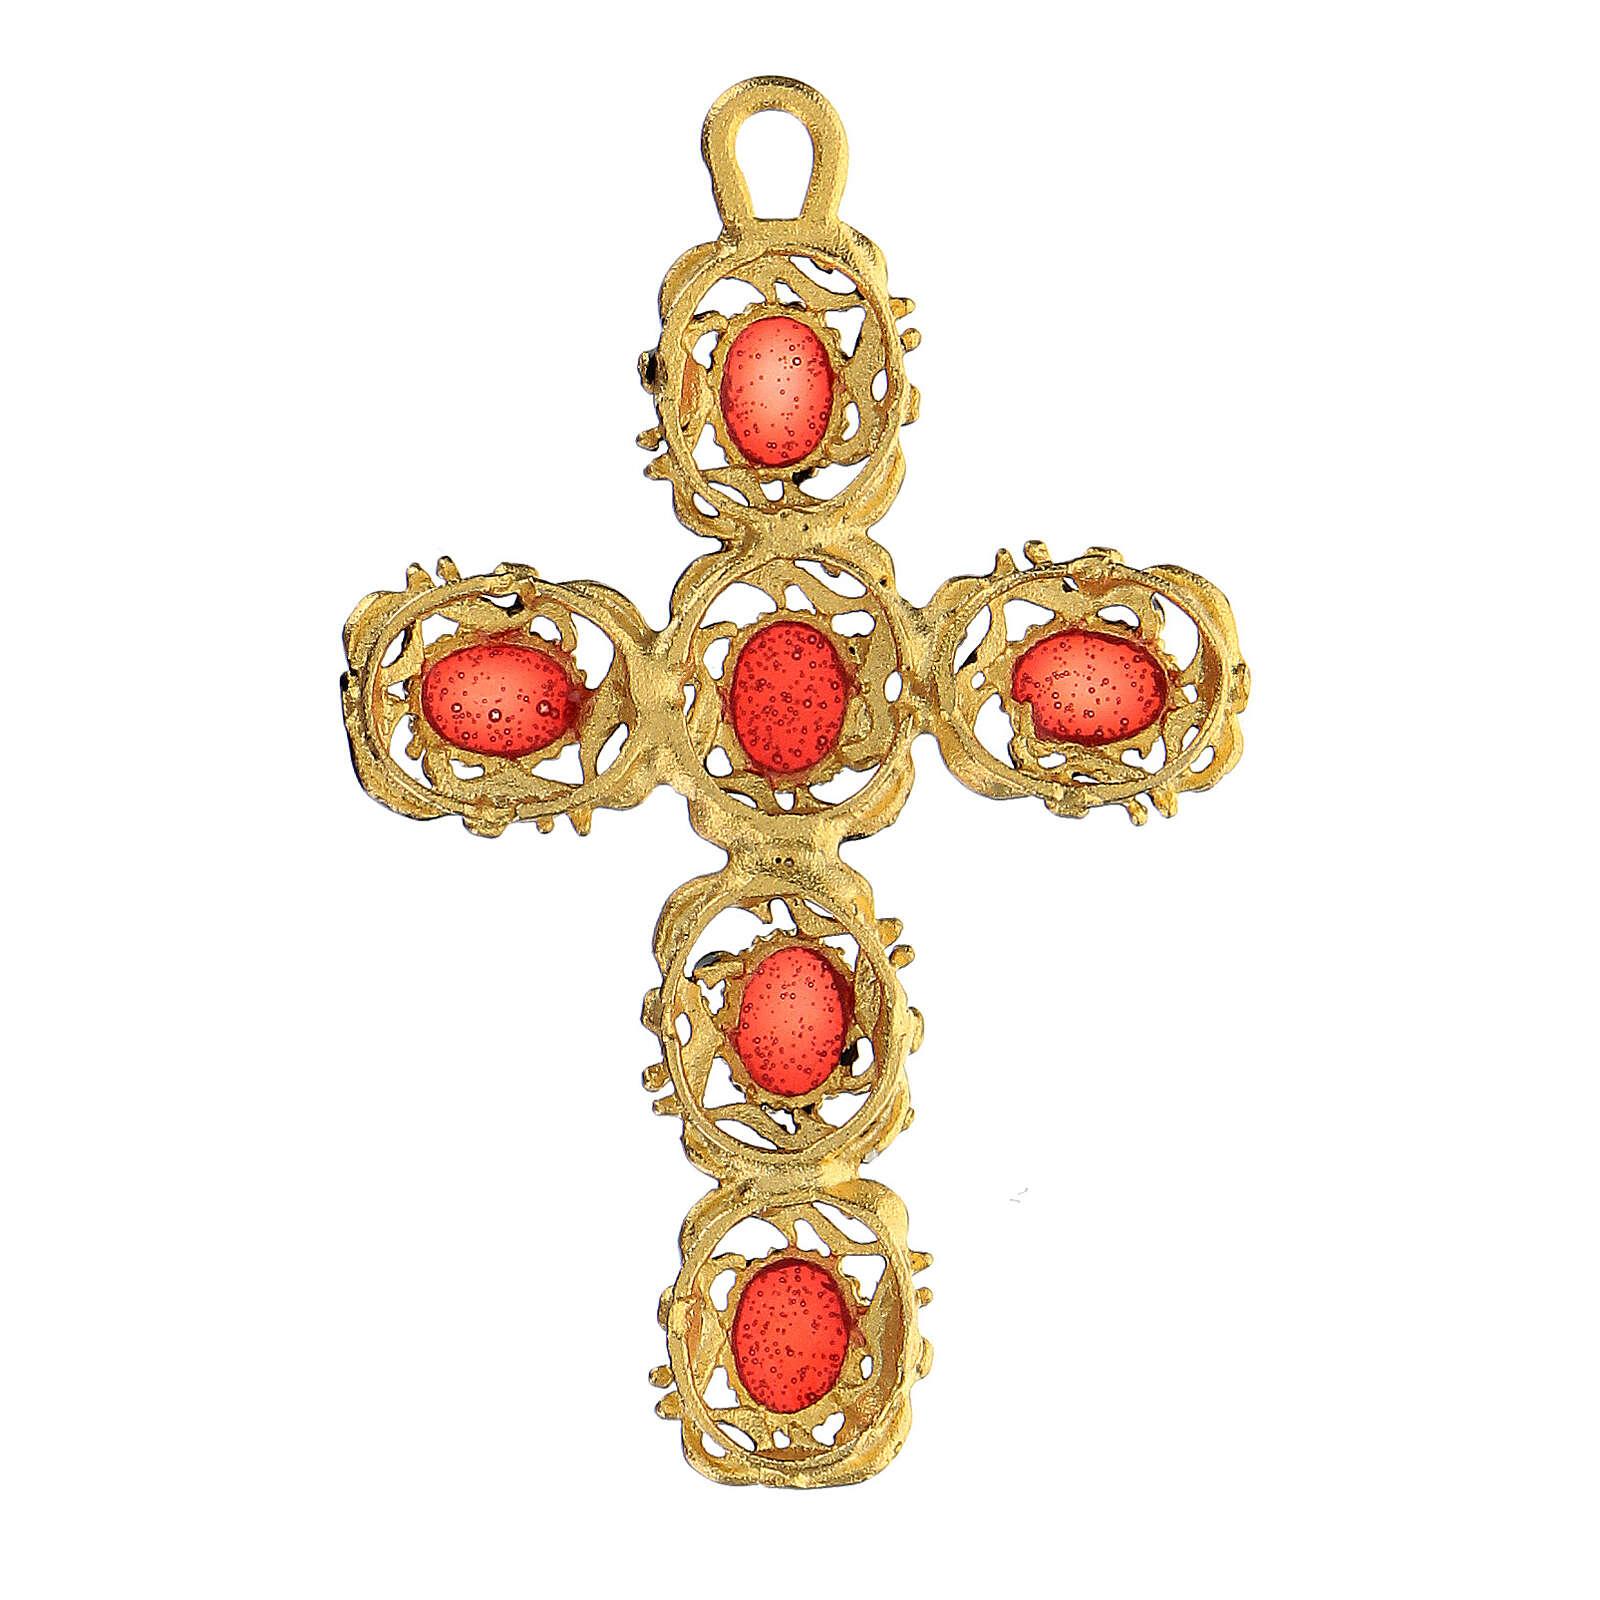 Pingente cruz catedral zamak dourado e decorações esmalte vermelho 4